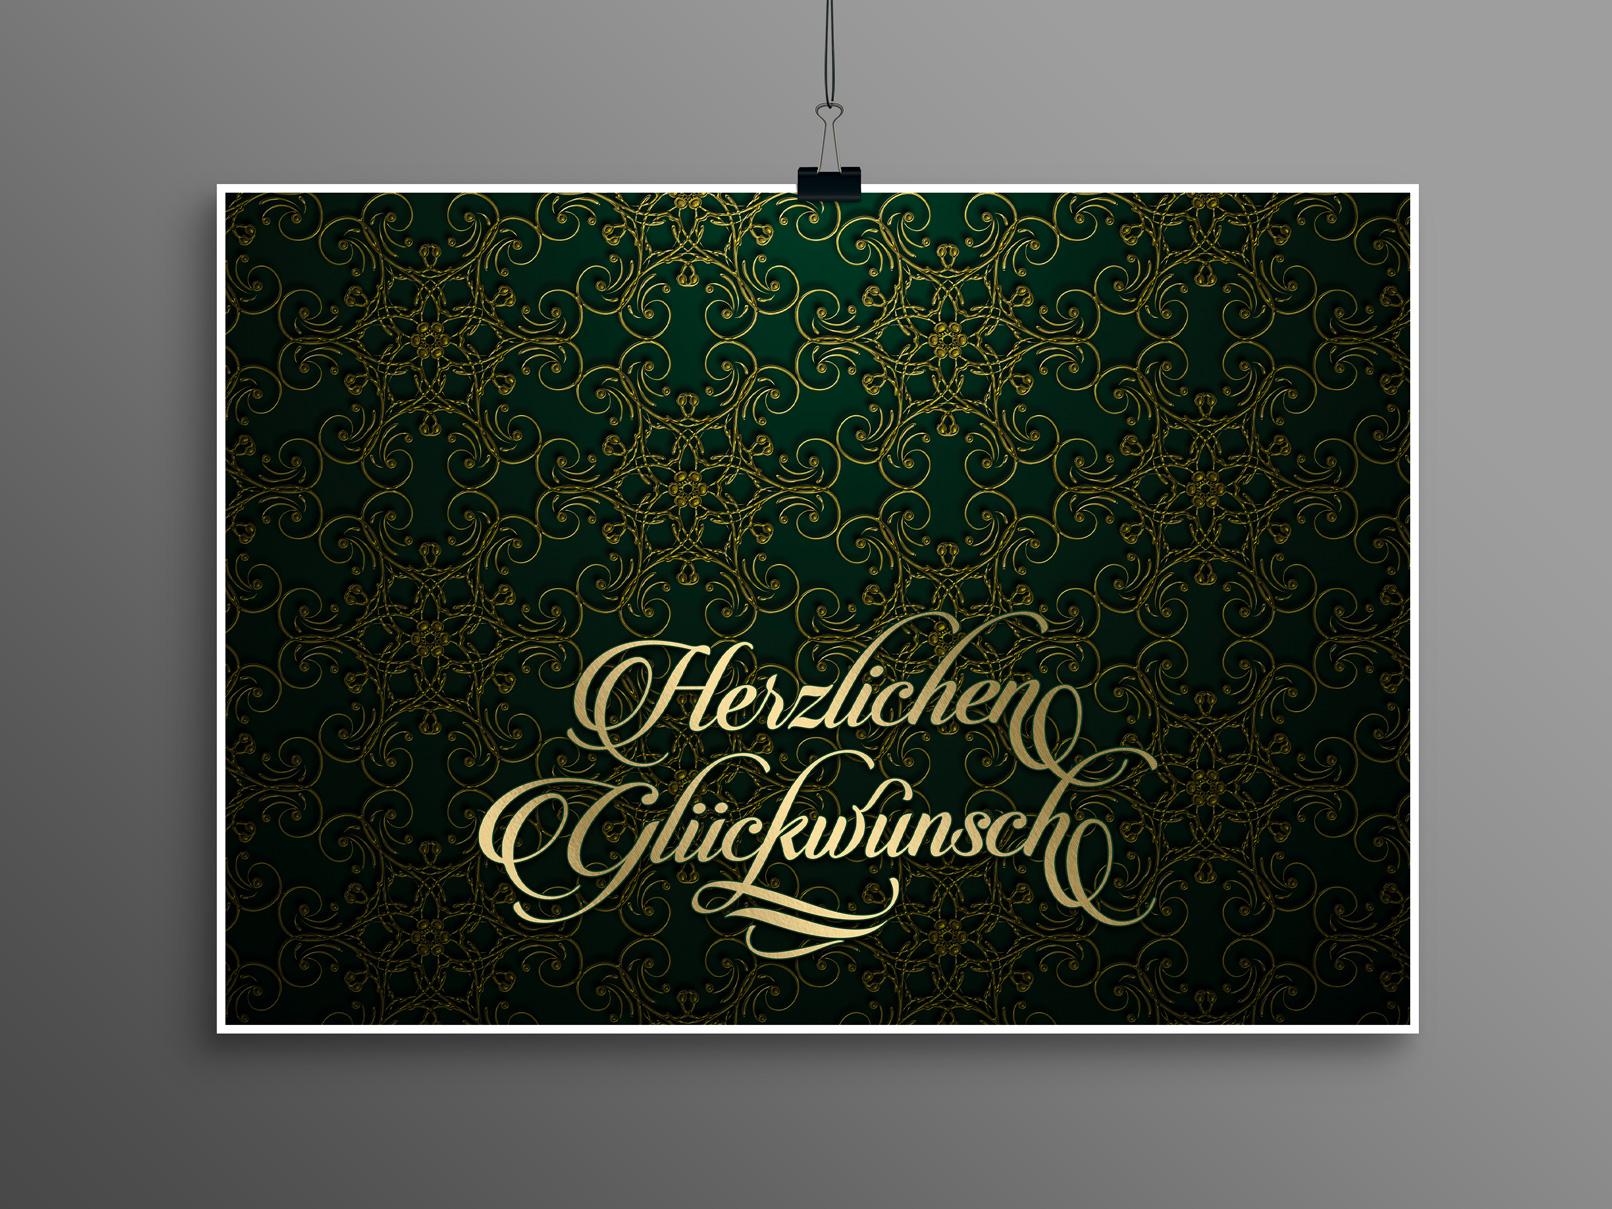 Hintergrund in Grün, Ornamente in Gold, versehen mit einem Text